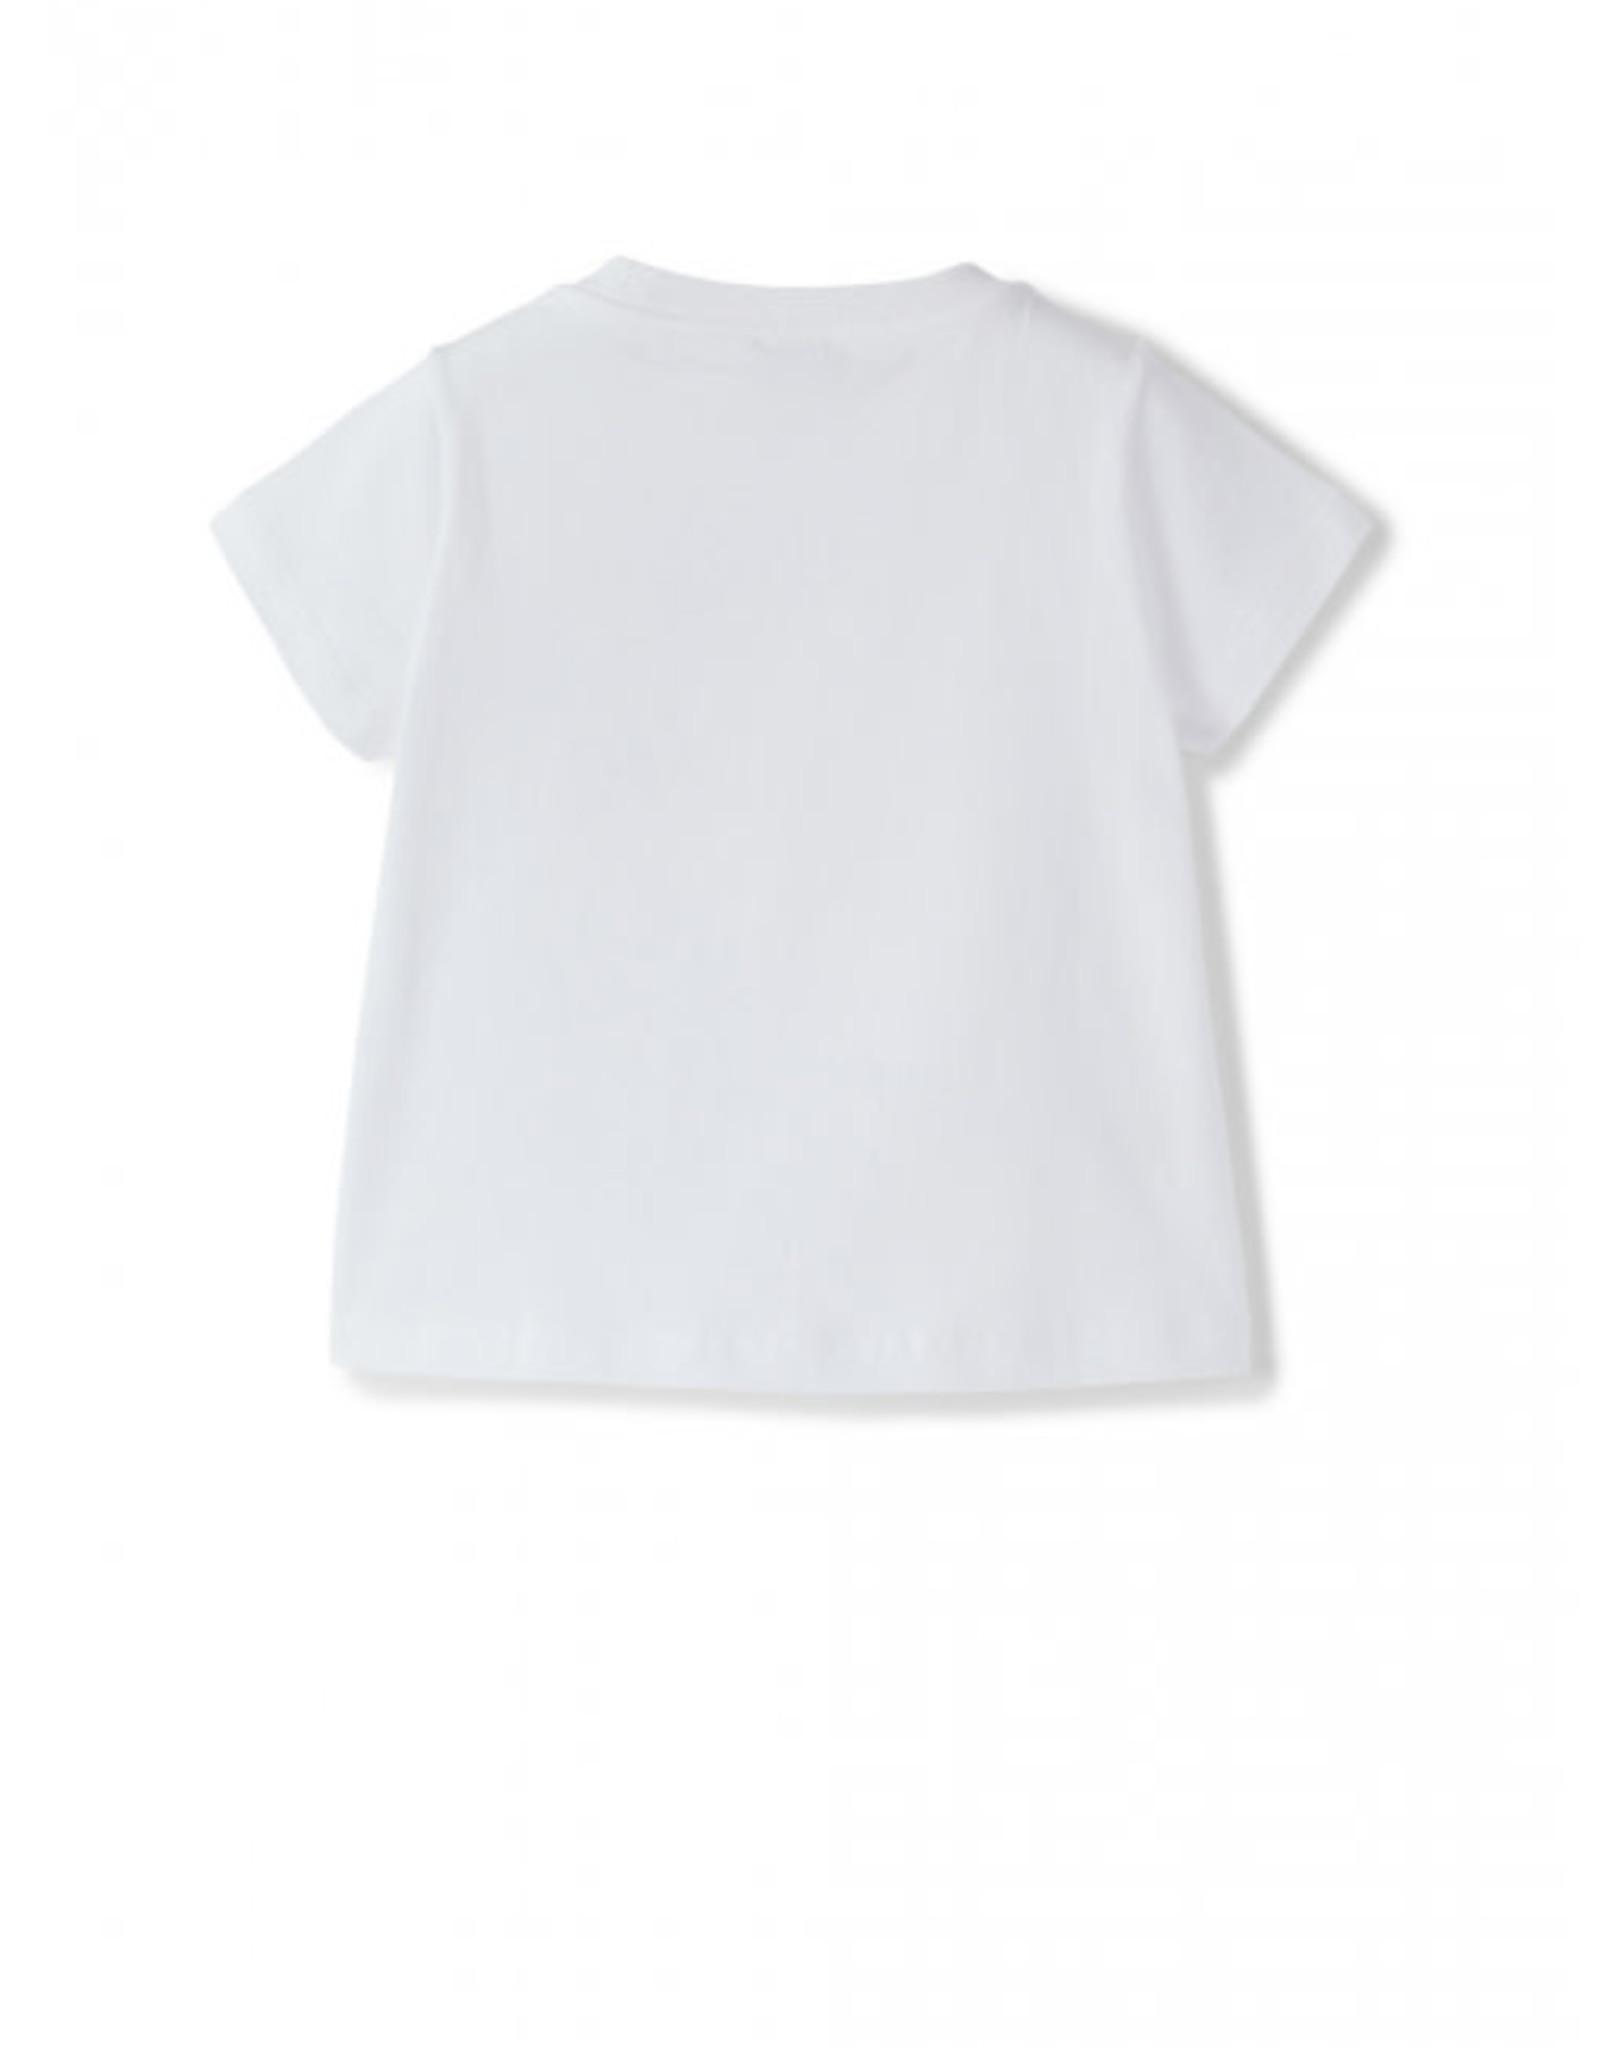 IL GUFO IL GUFO T-shirt wit met bloemen